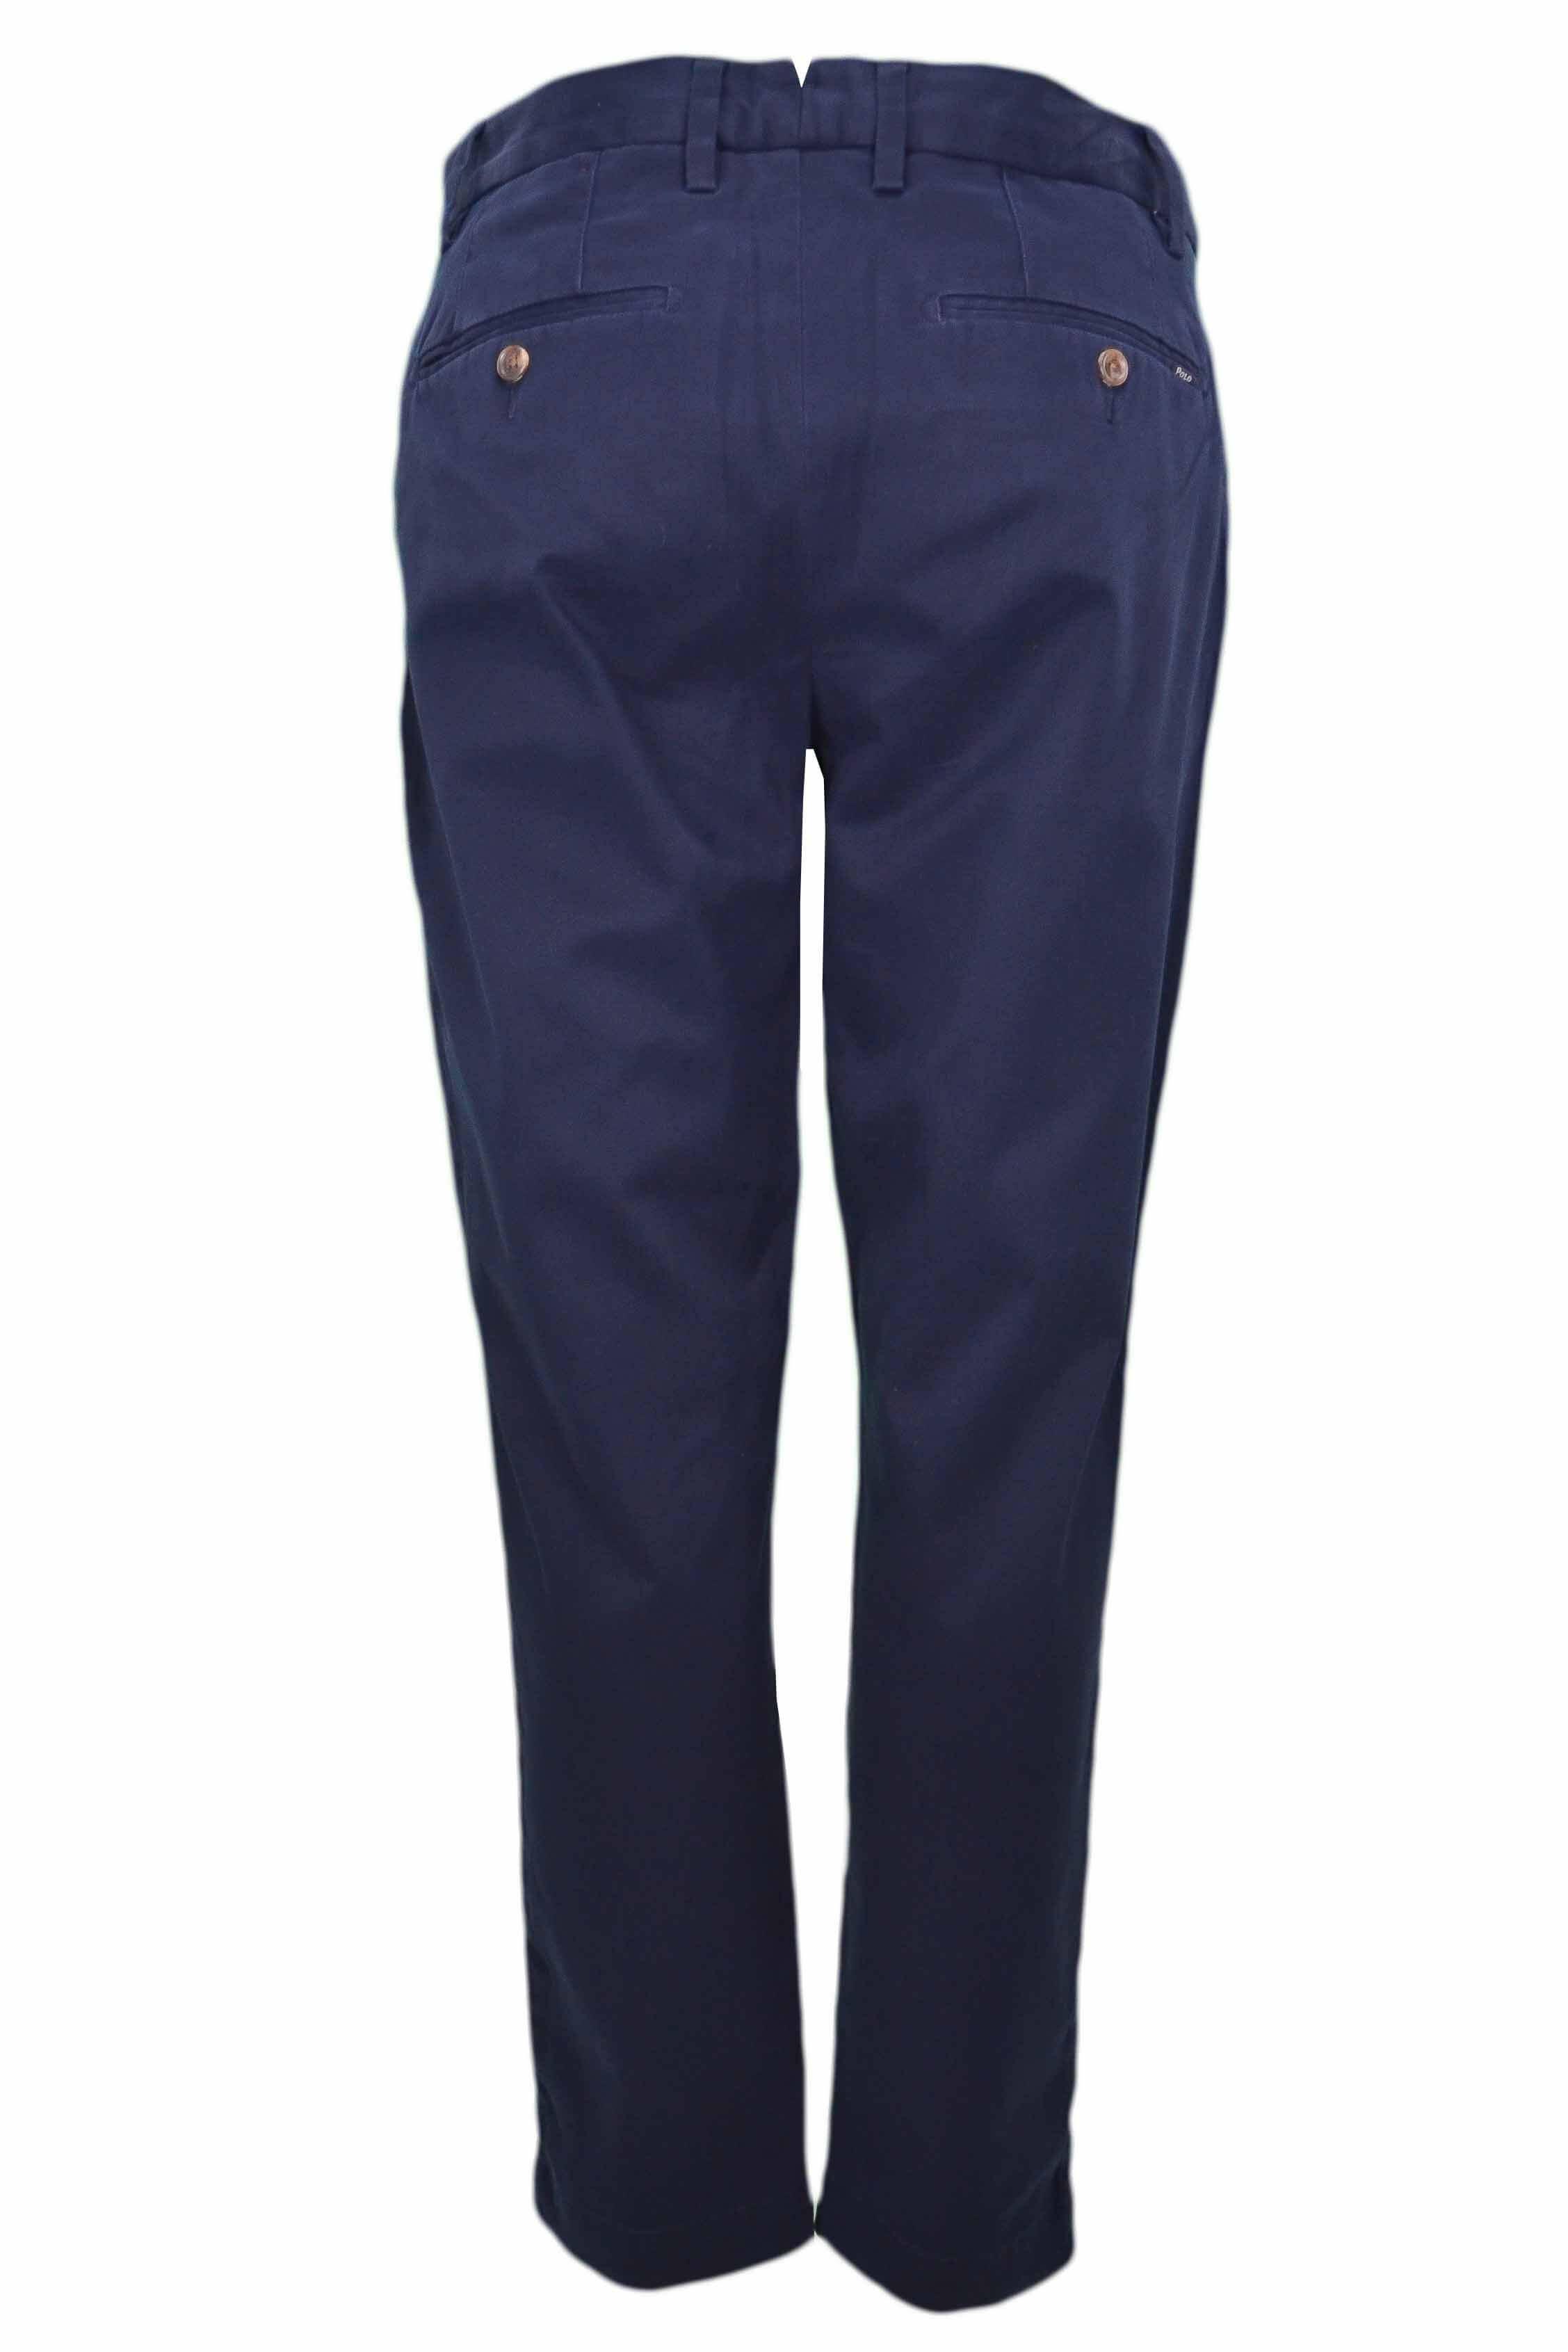 d48a3efbb Pantalon chino Ralph Lauren bleu marine pour femme - Toujours au me...